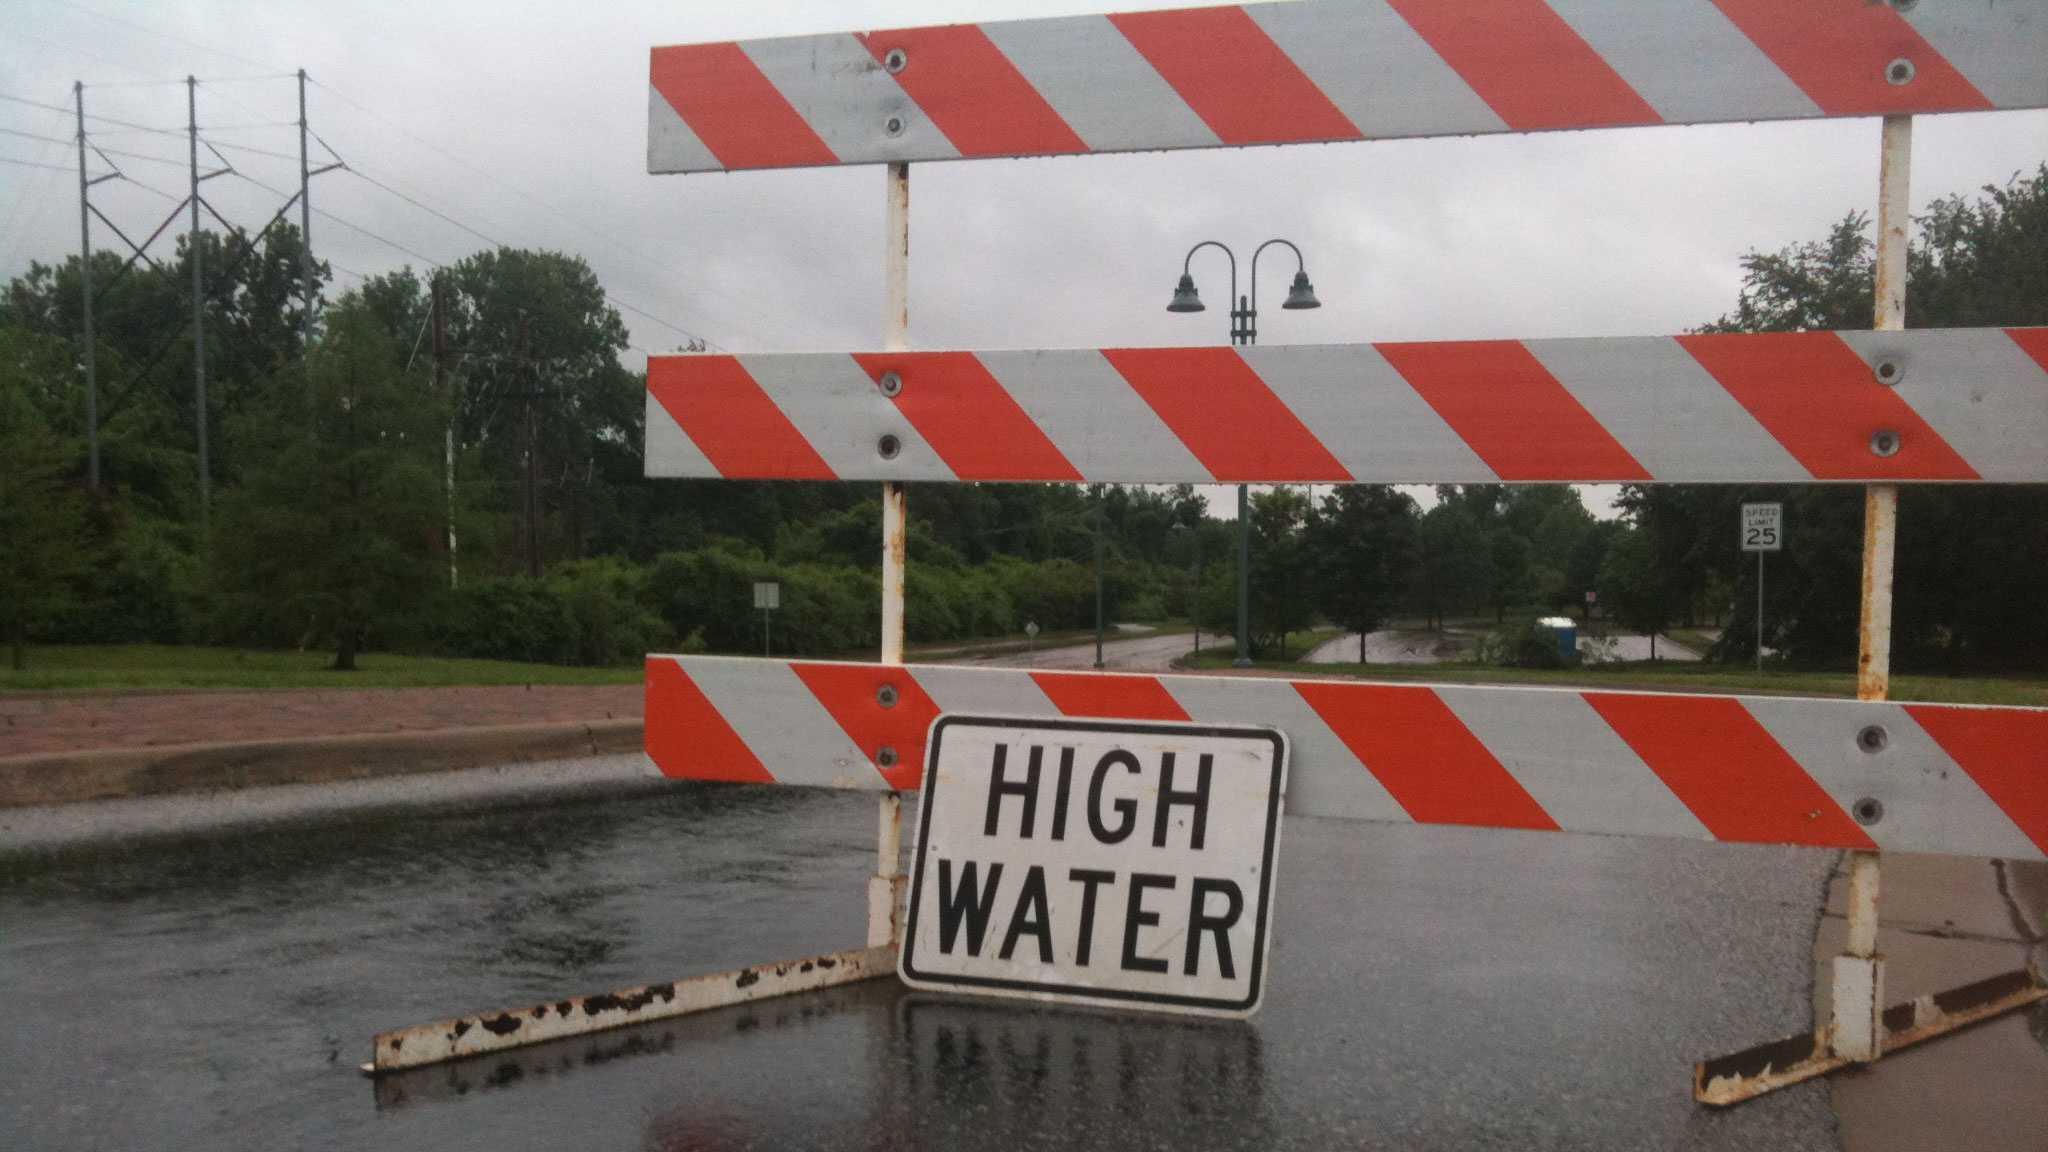 high water barricade